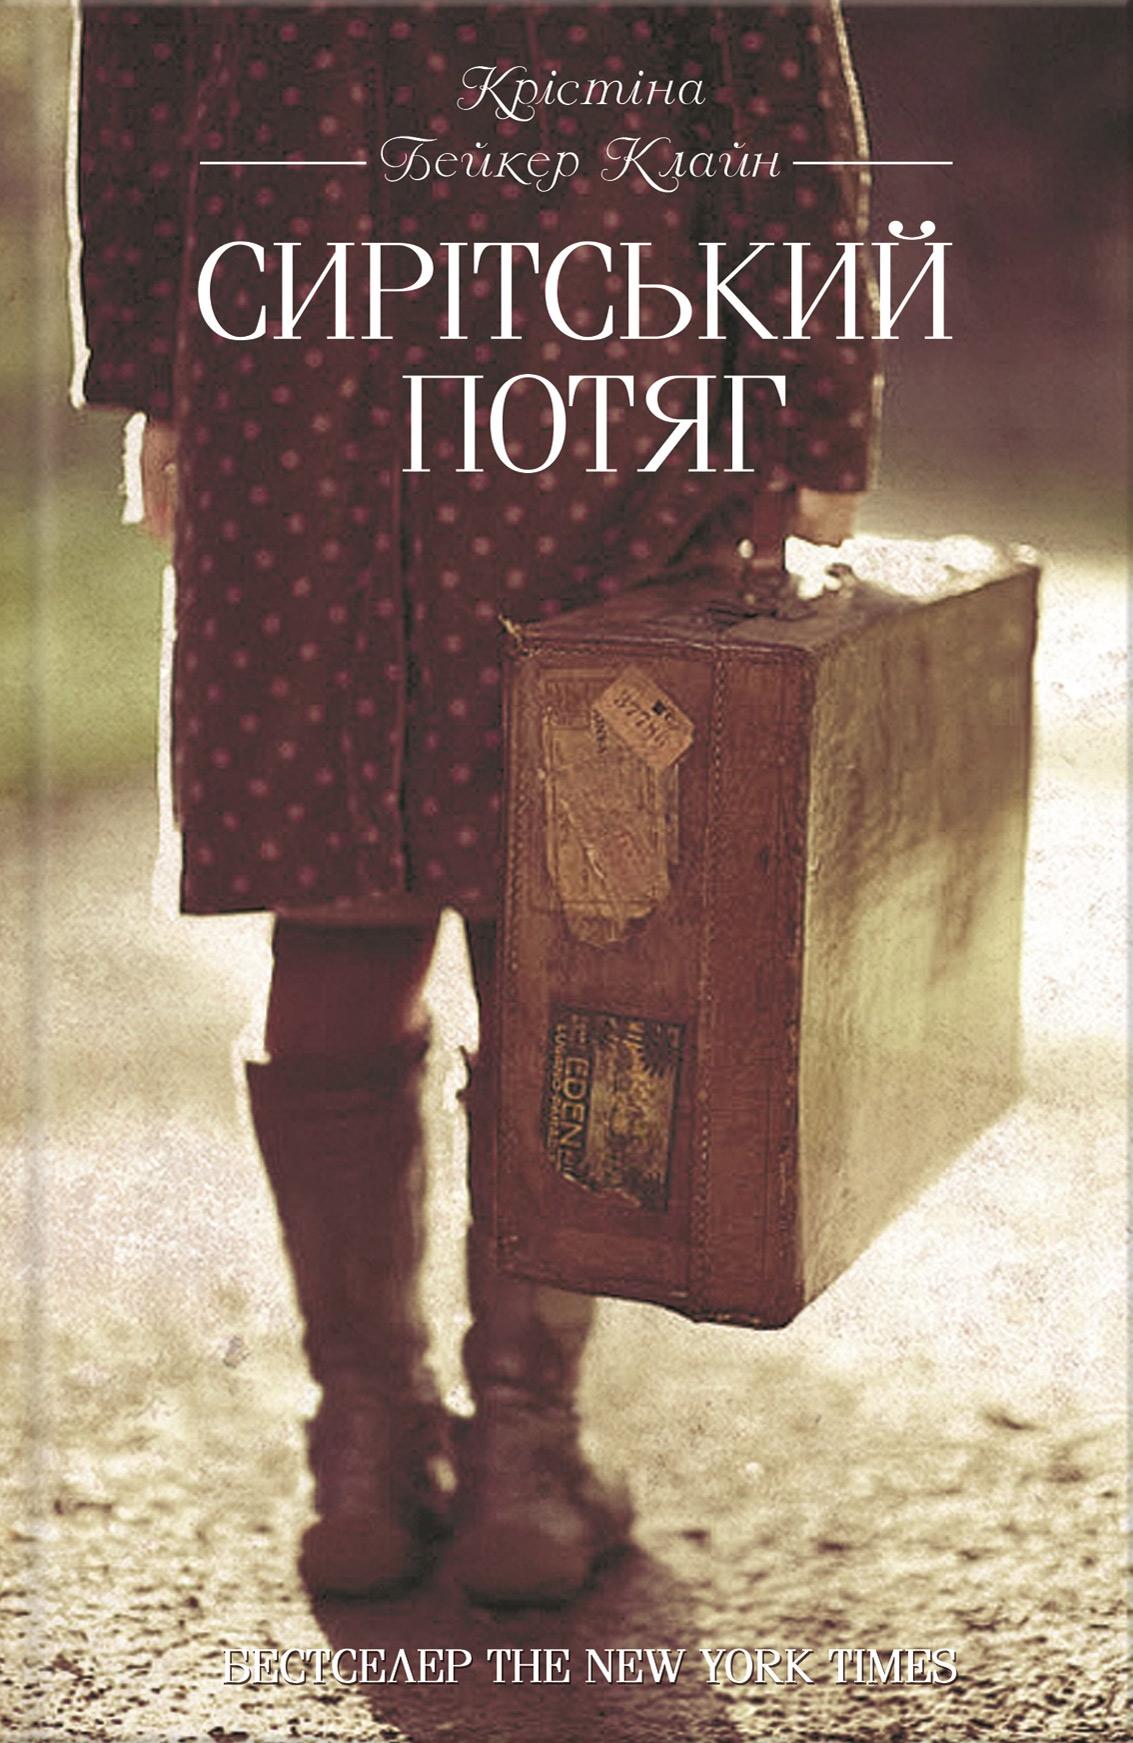 Крістіна Бейкер Клайн Сирітський потяг дмитро павличко любов і ненависть вибране